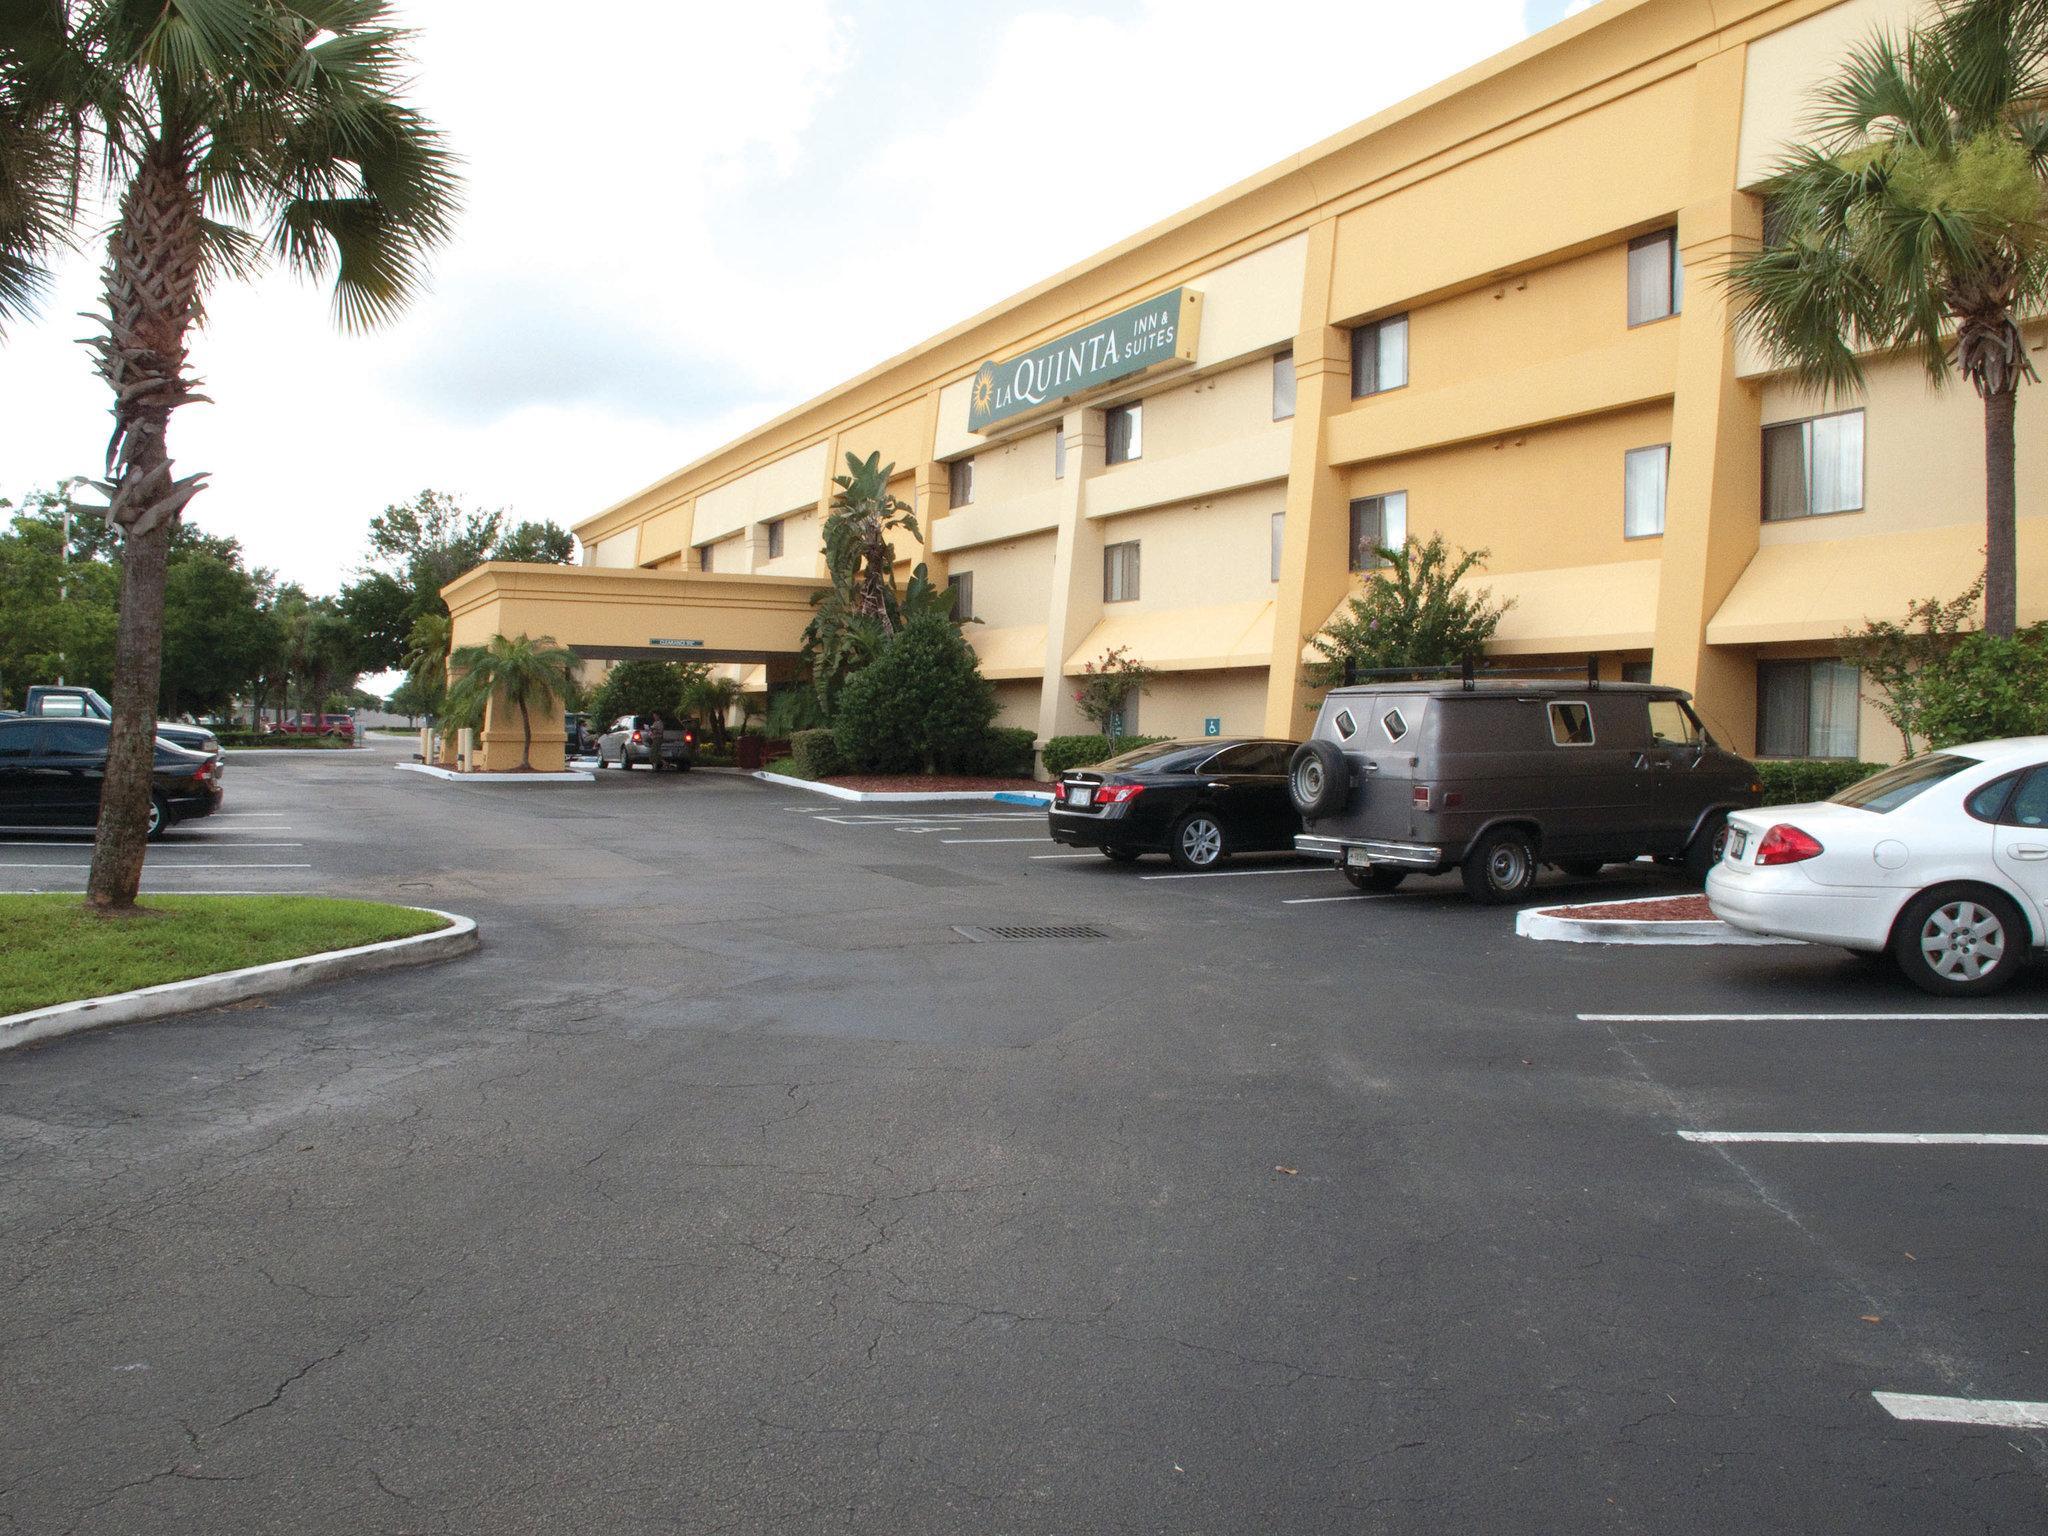 La Quinta Inn & Suites Orlando South